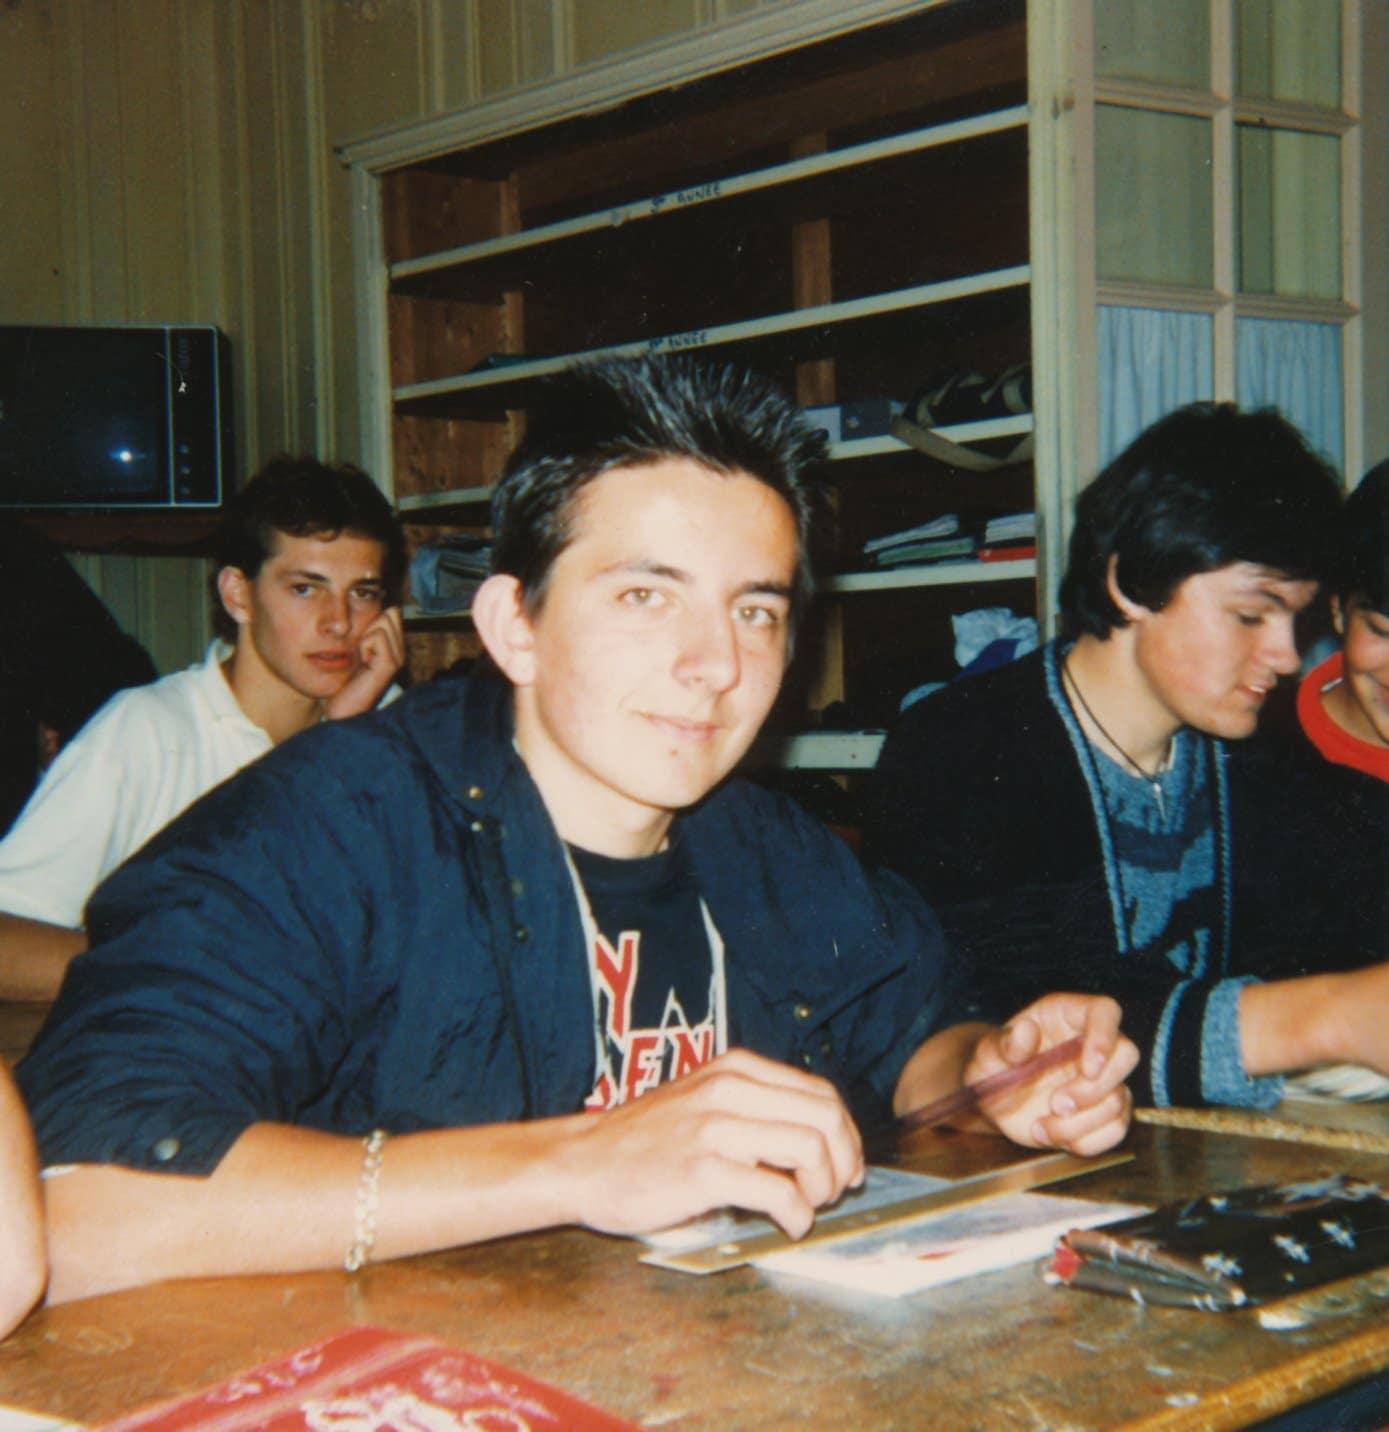 Archives anciens élèves mfr puy-sec 1984 5